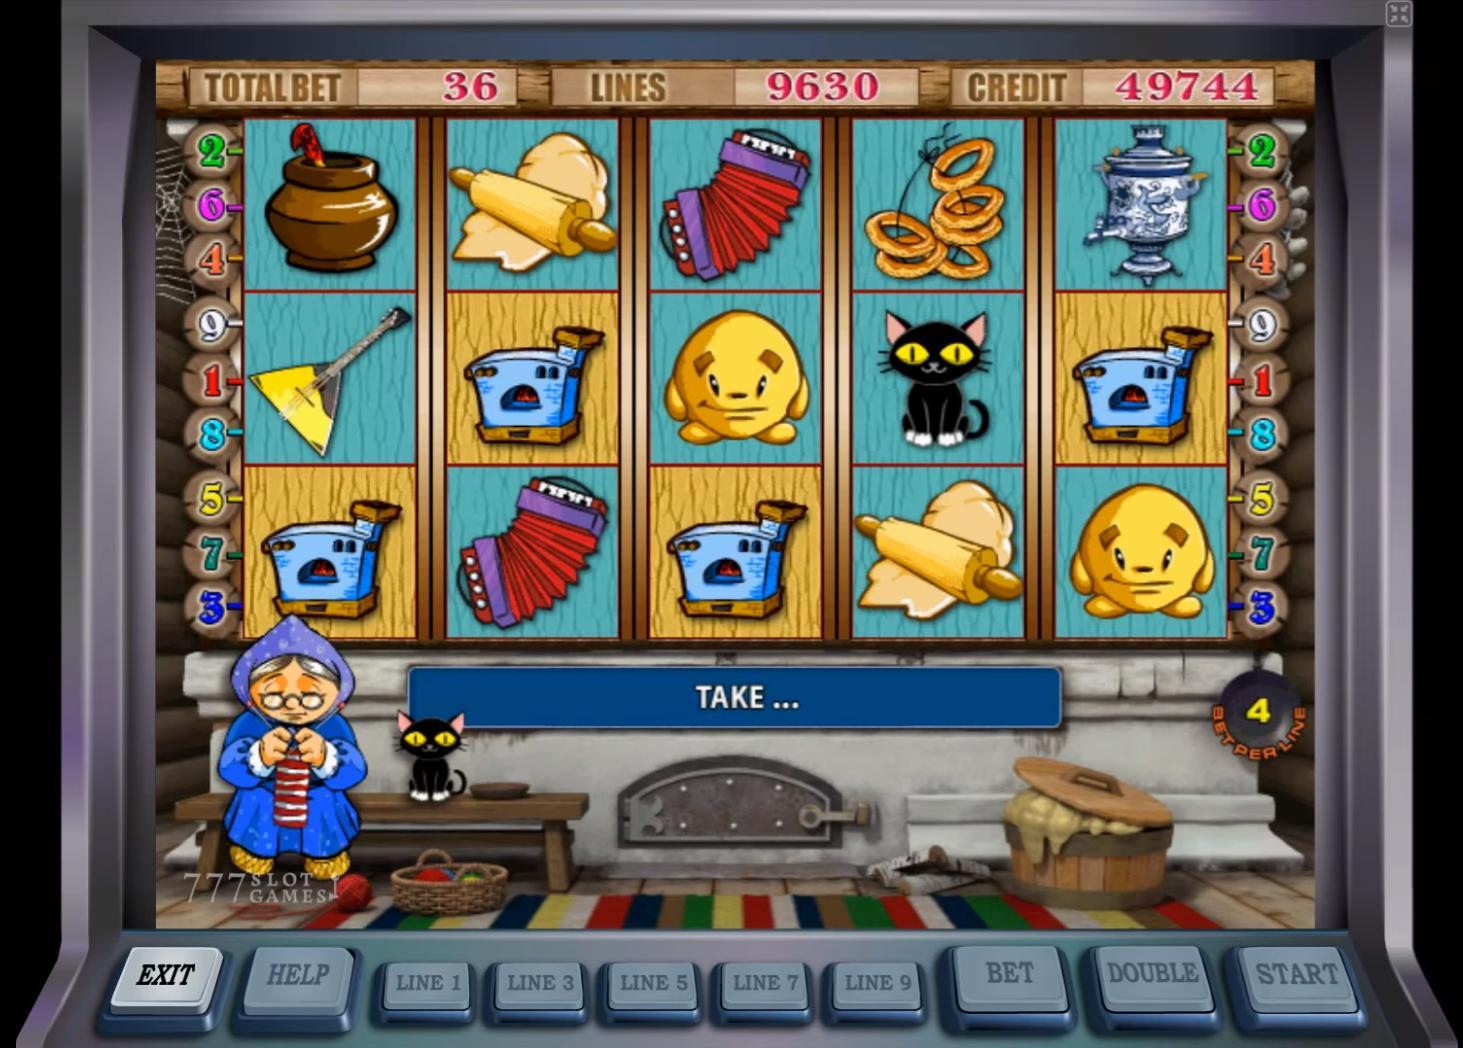 Игры для мальчиков бесплатно игровые автоматы хочу играть игровые автоматы без регистрации